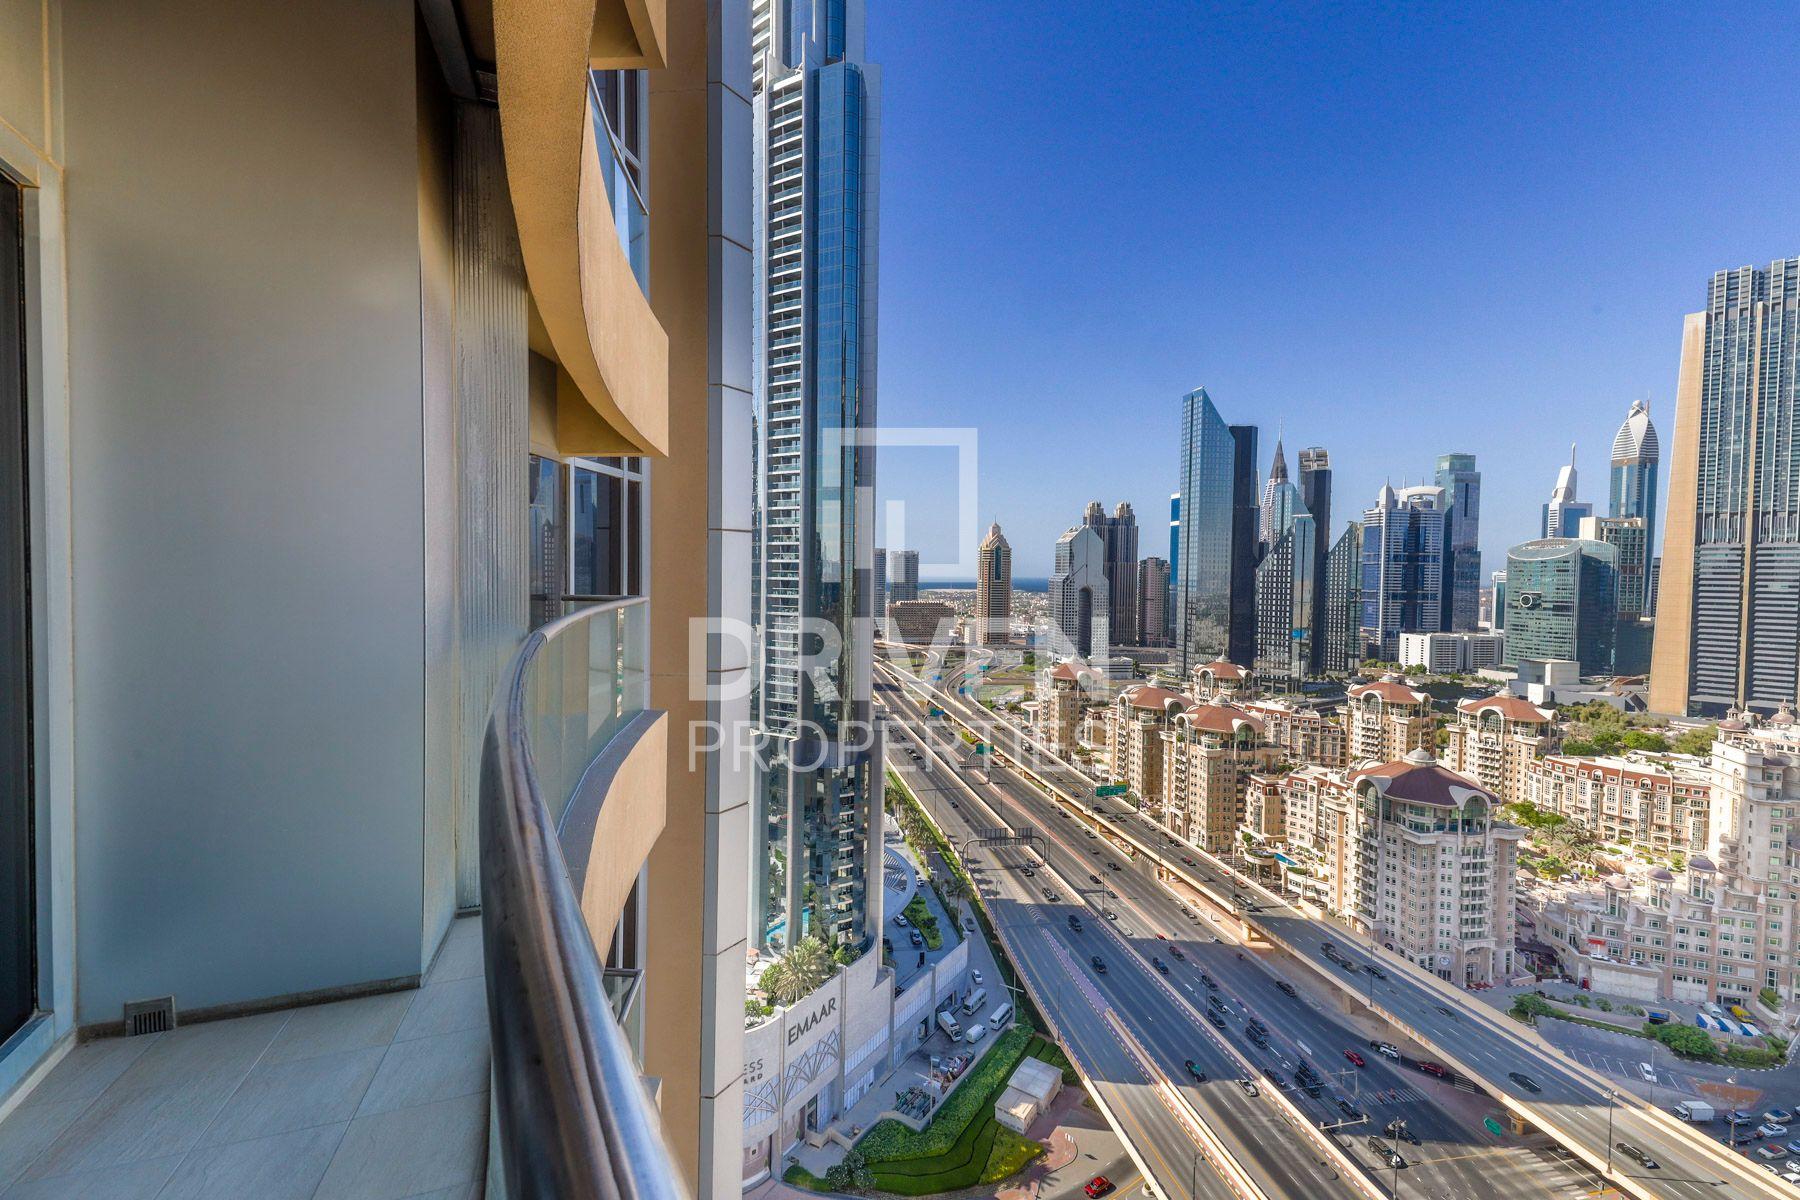 للايجار - شقة - فندق العنوان دبي مول - دبي وسط المدينة